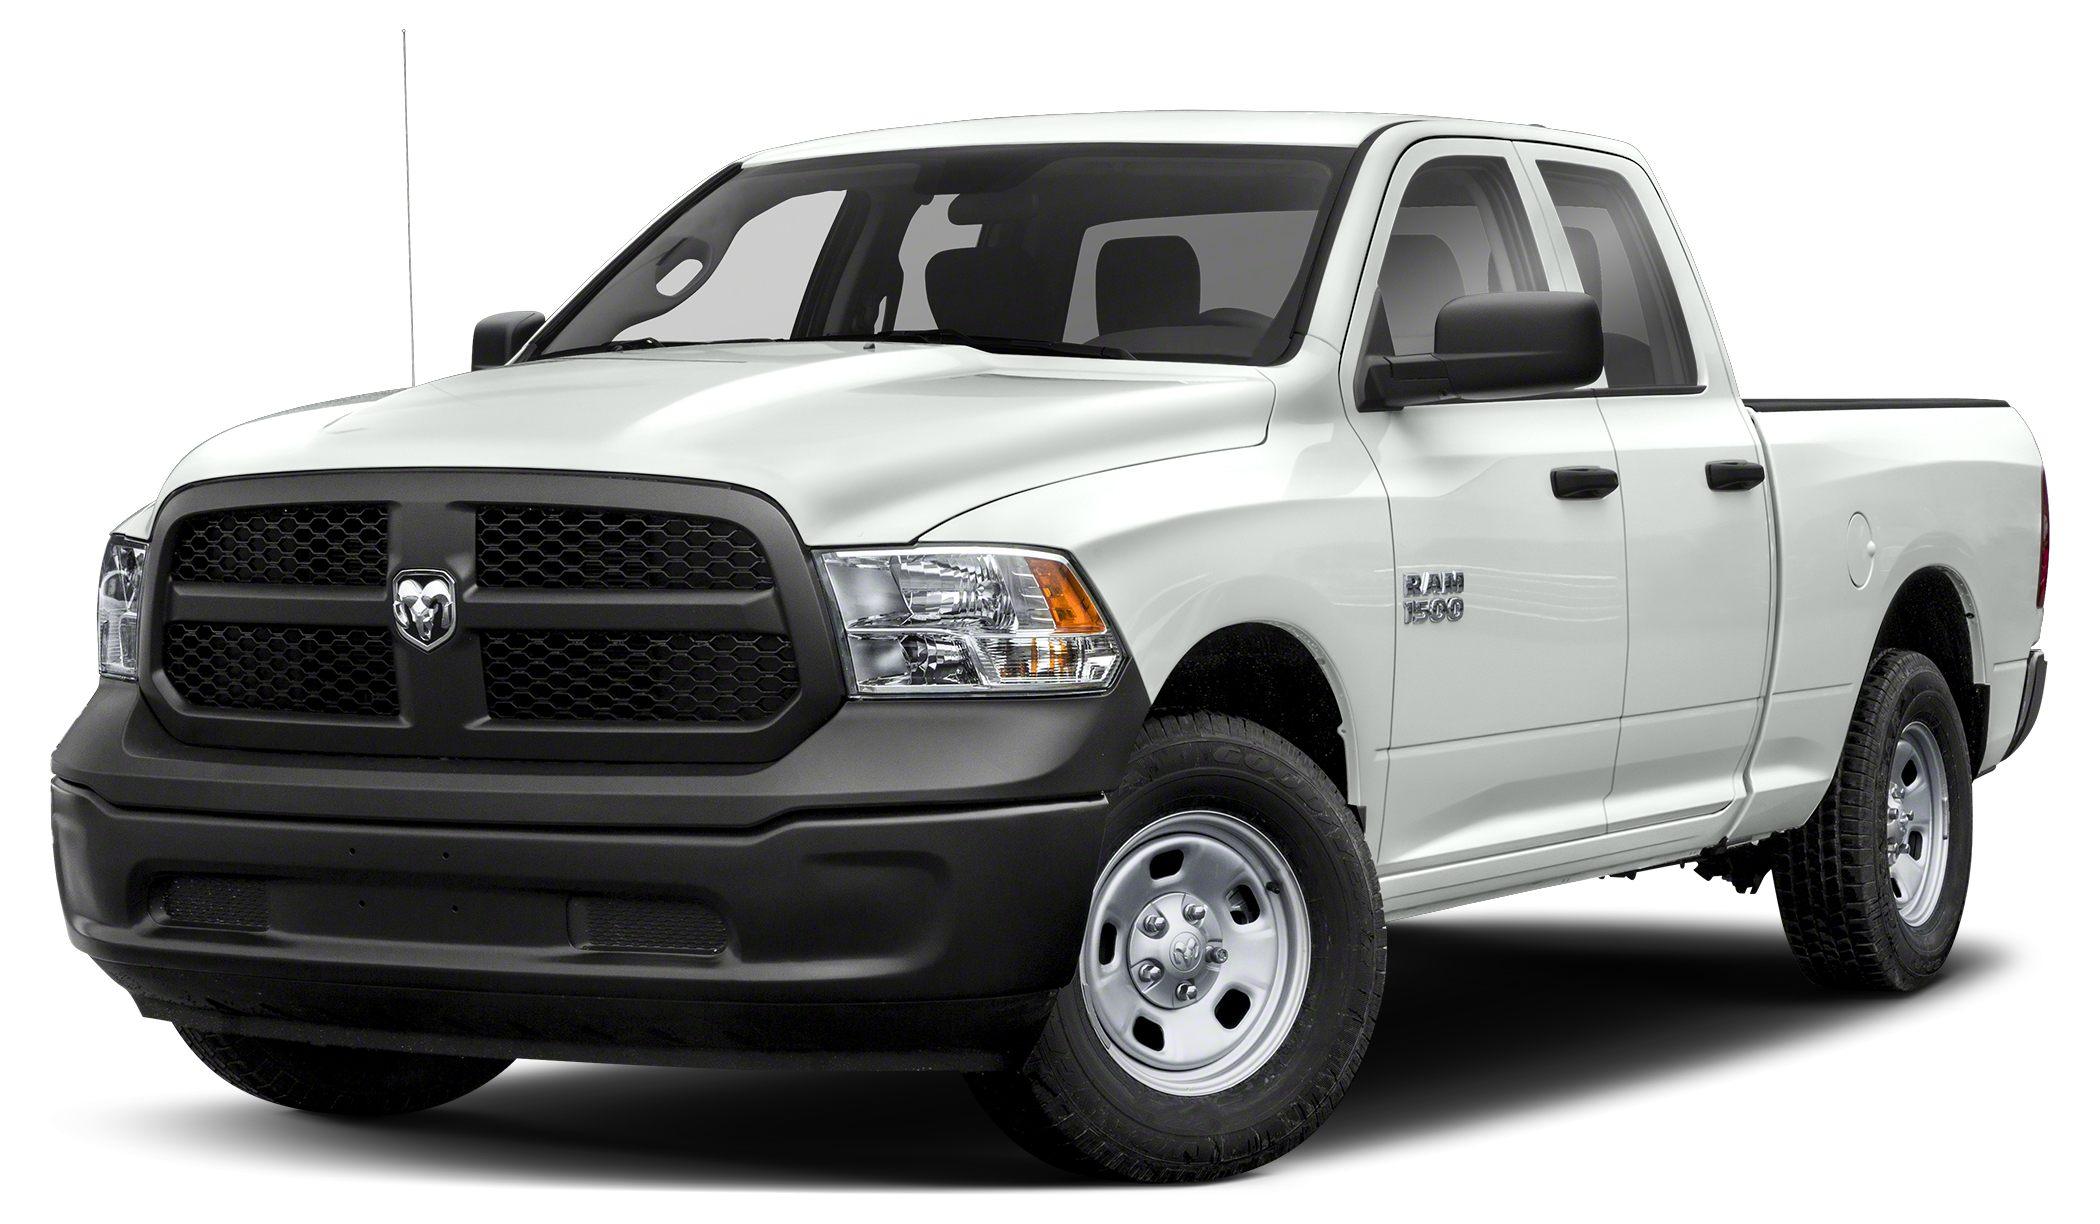 2016 RAM 1500 Tradesman/Express